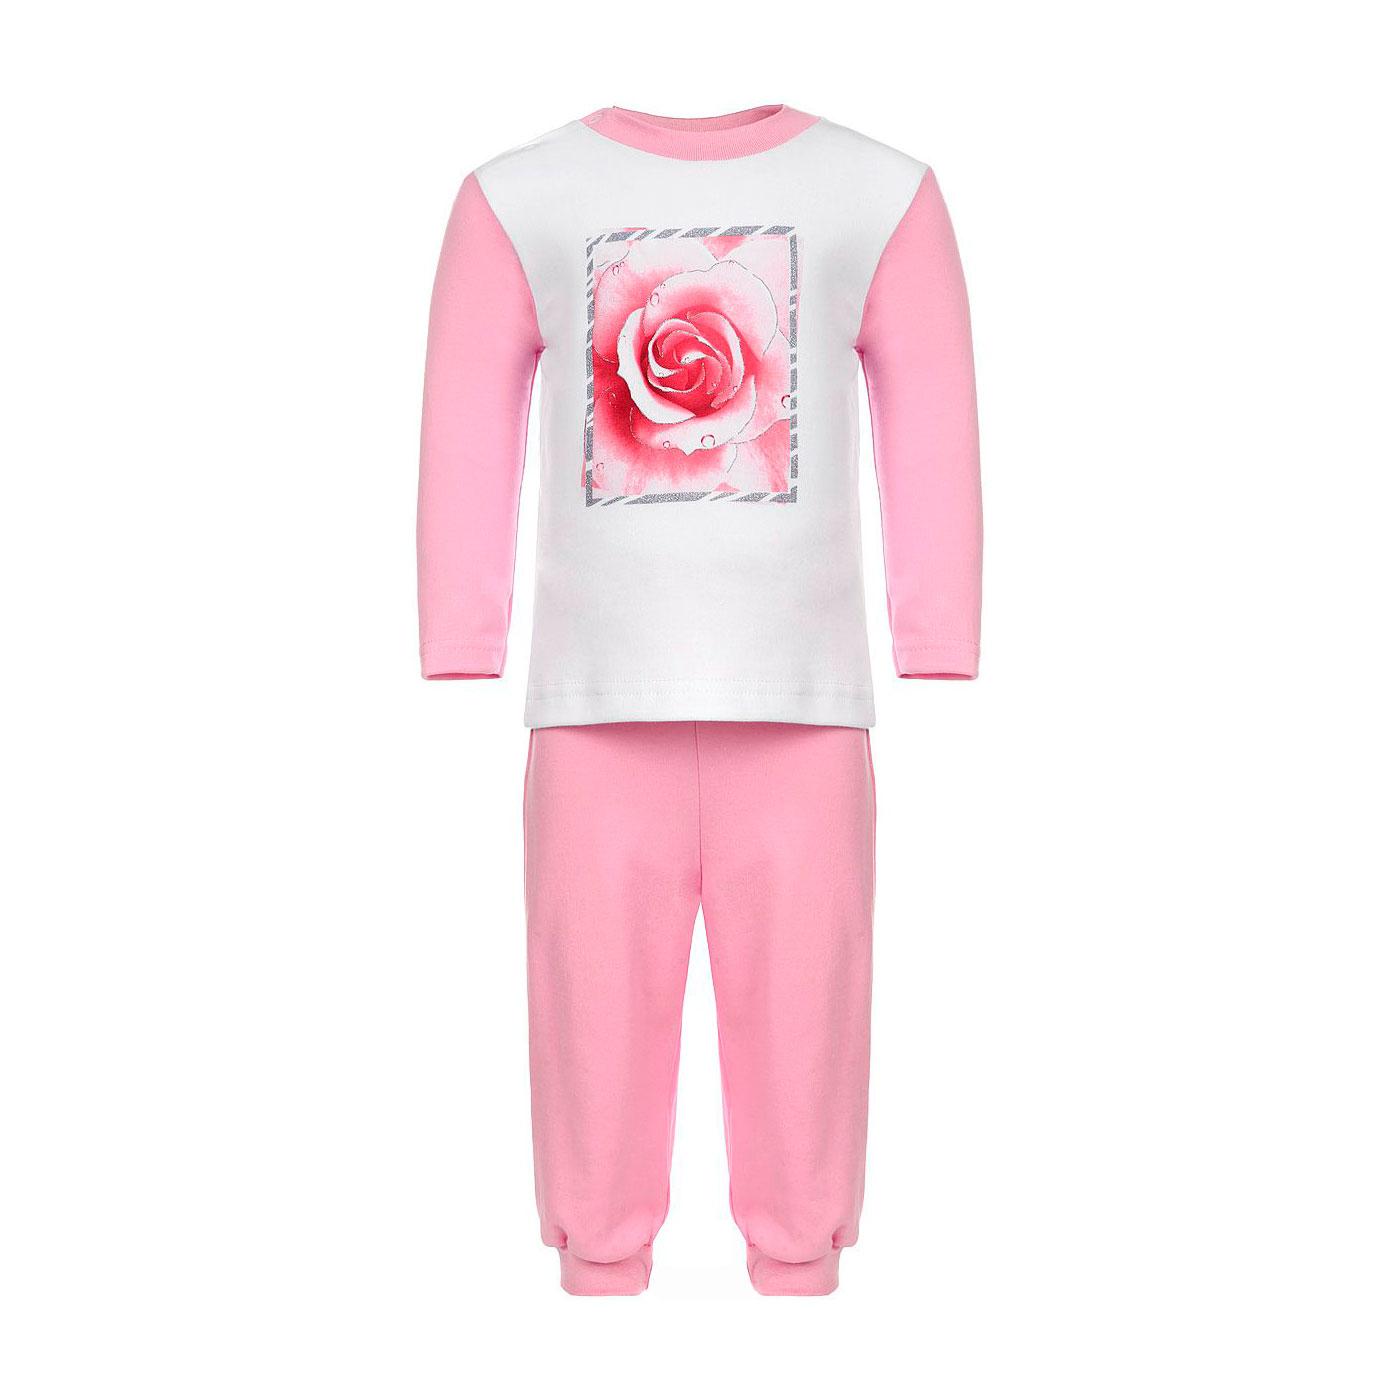 Пижама Котмаркот Розы рост 98 розовый<br>